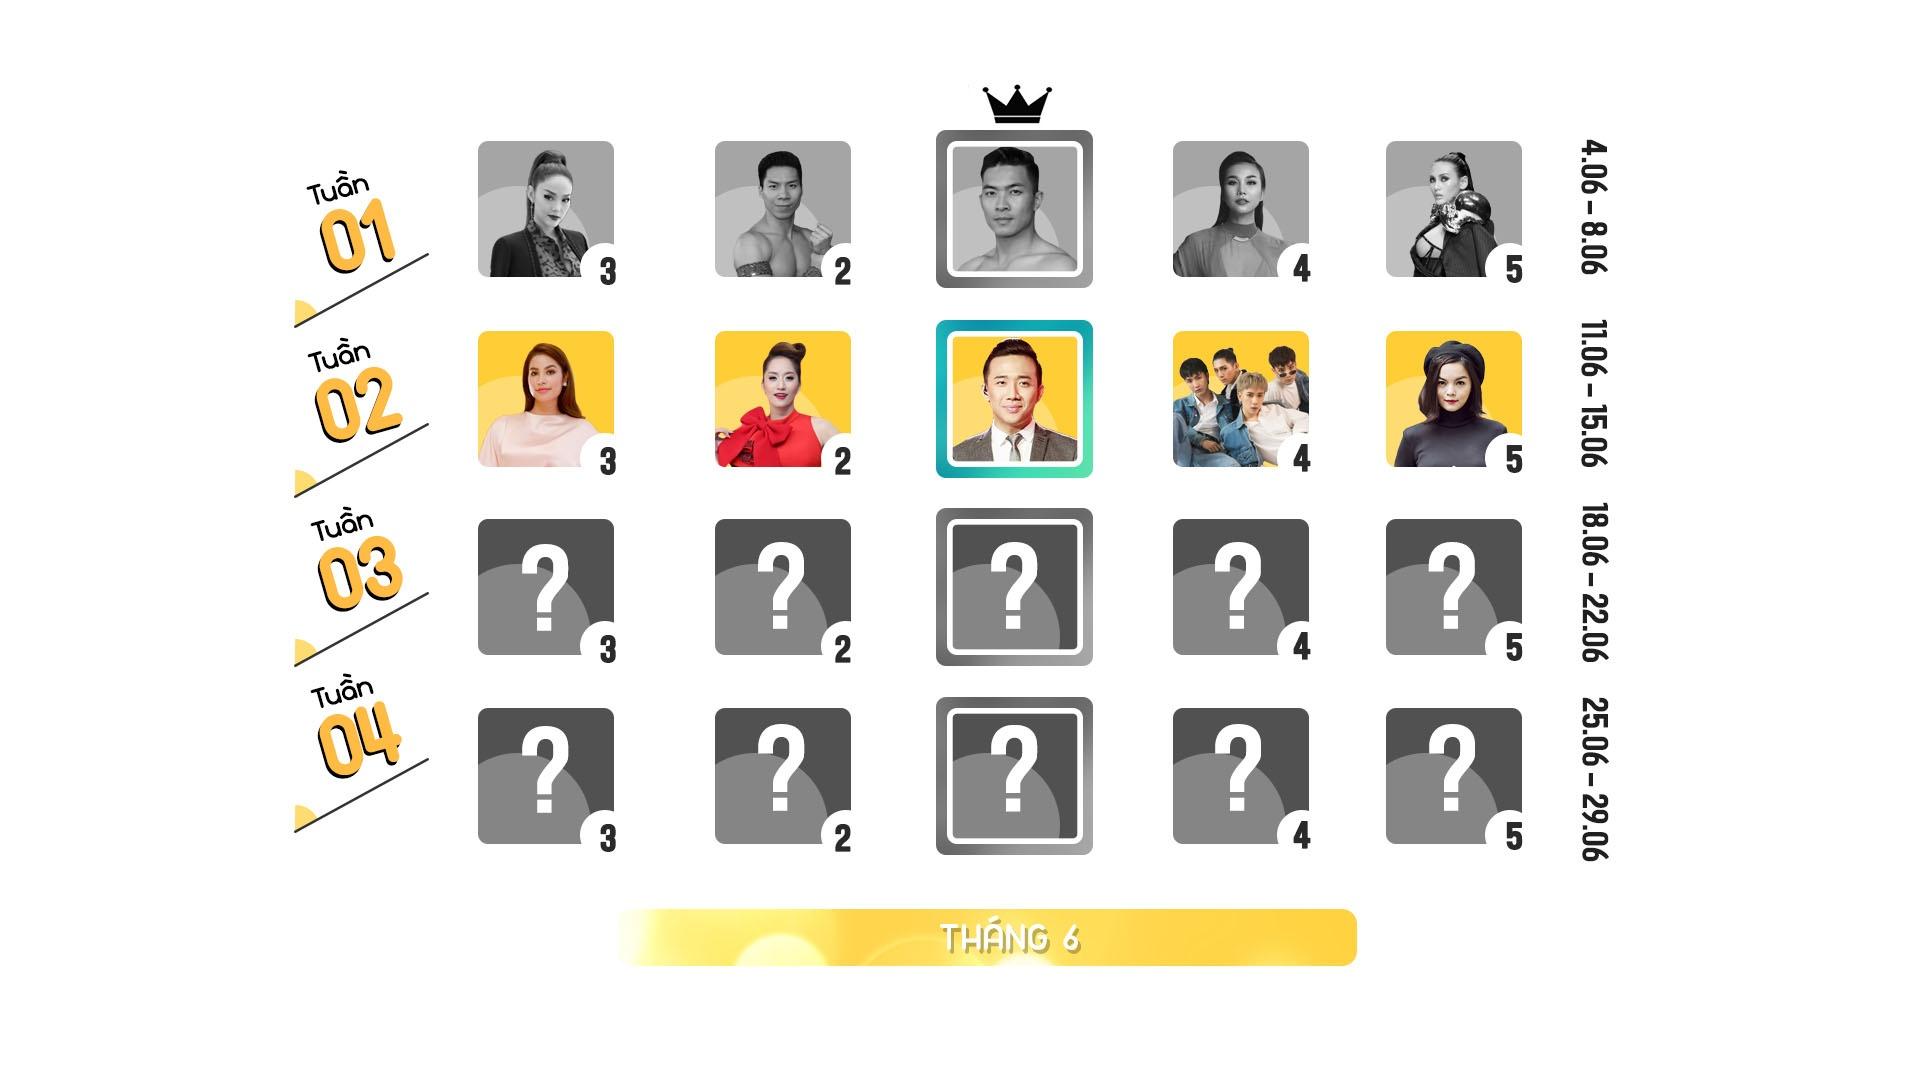 Top 10 nhan vat duoc chu y tren Internet anh 1